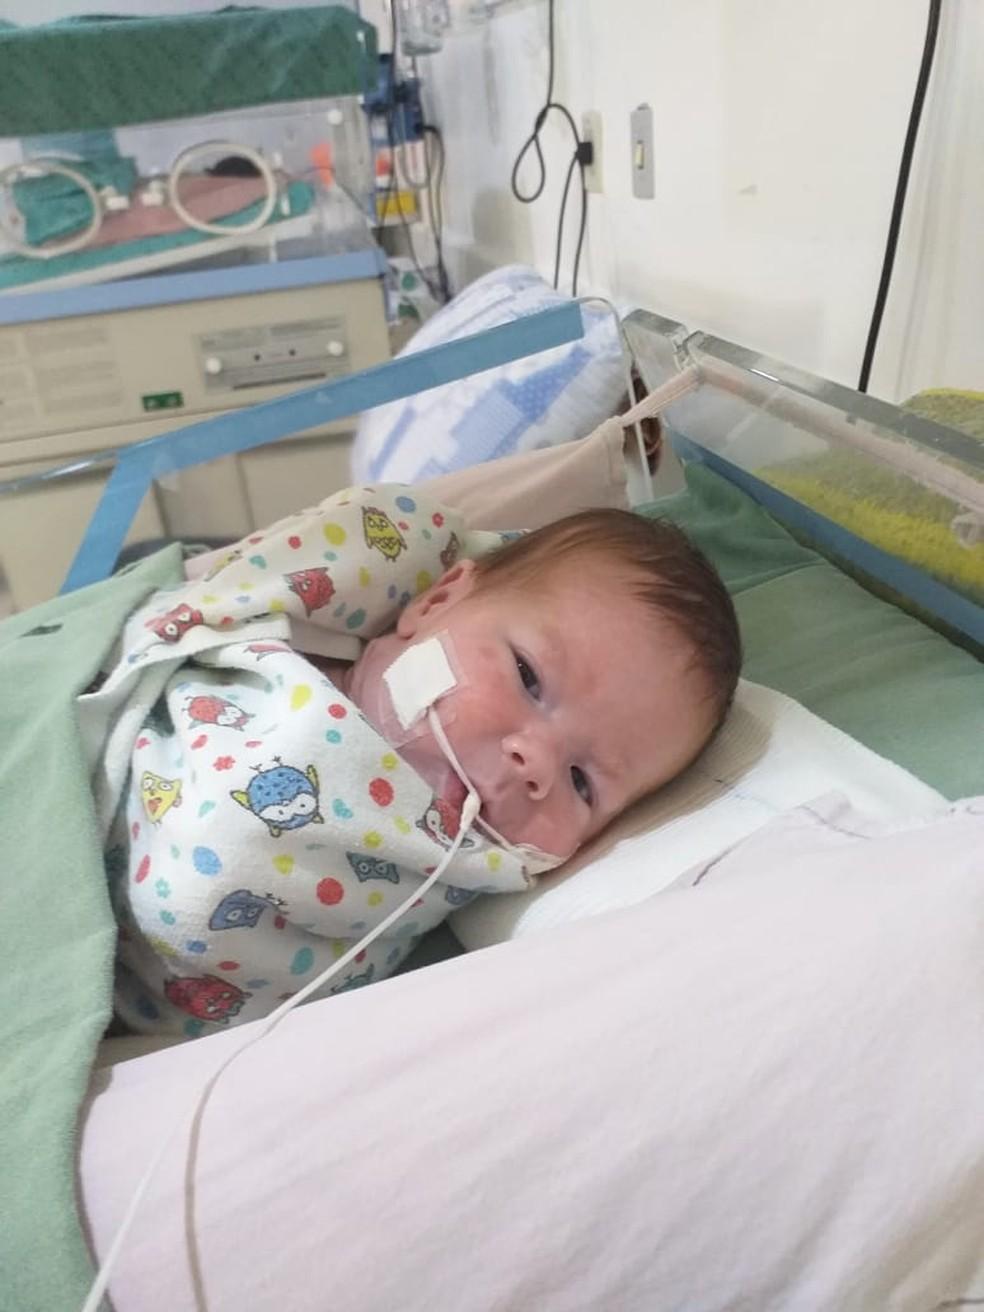 Criança foi levada para unidade intermediária do hospital nessa quinta-feira (9) — Foto: HRMS/Divulgação